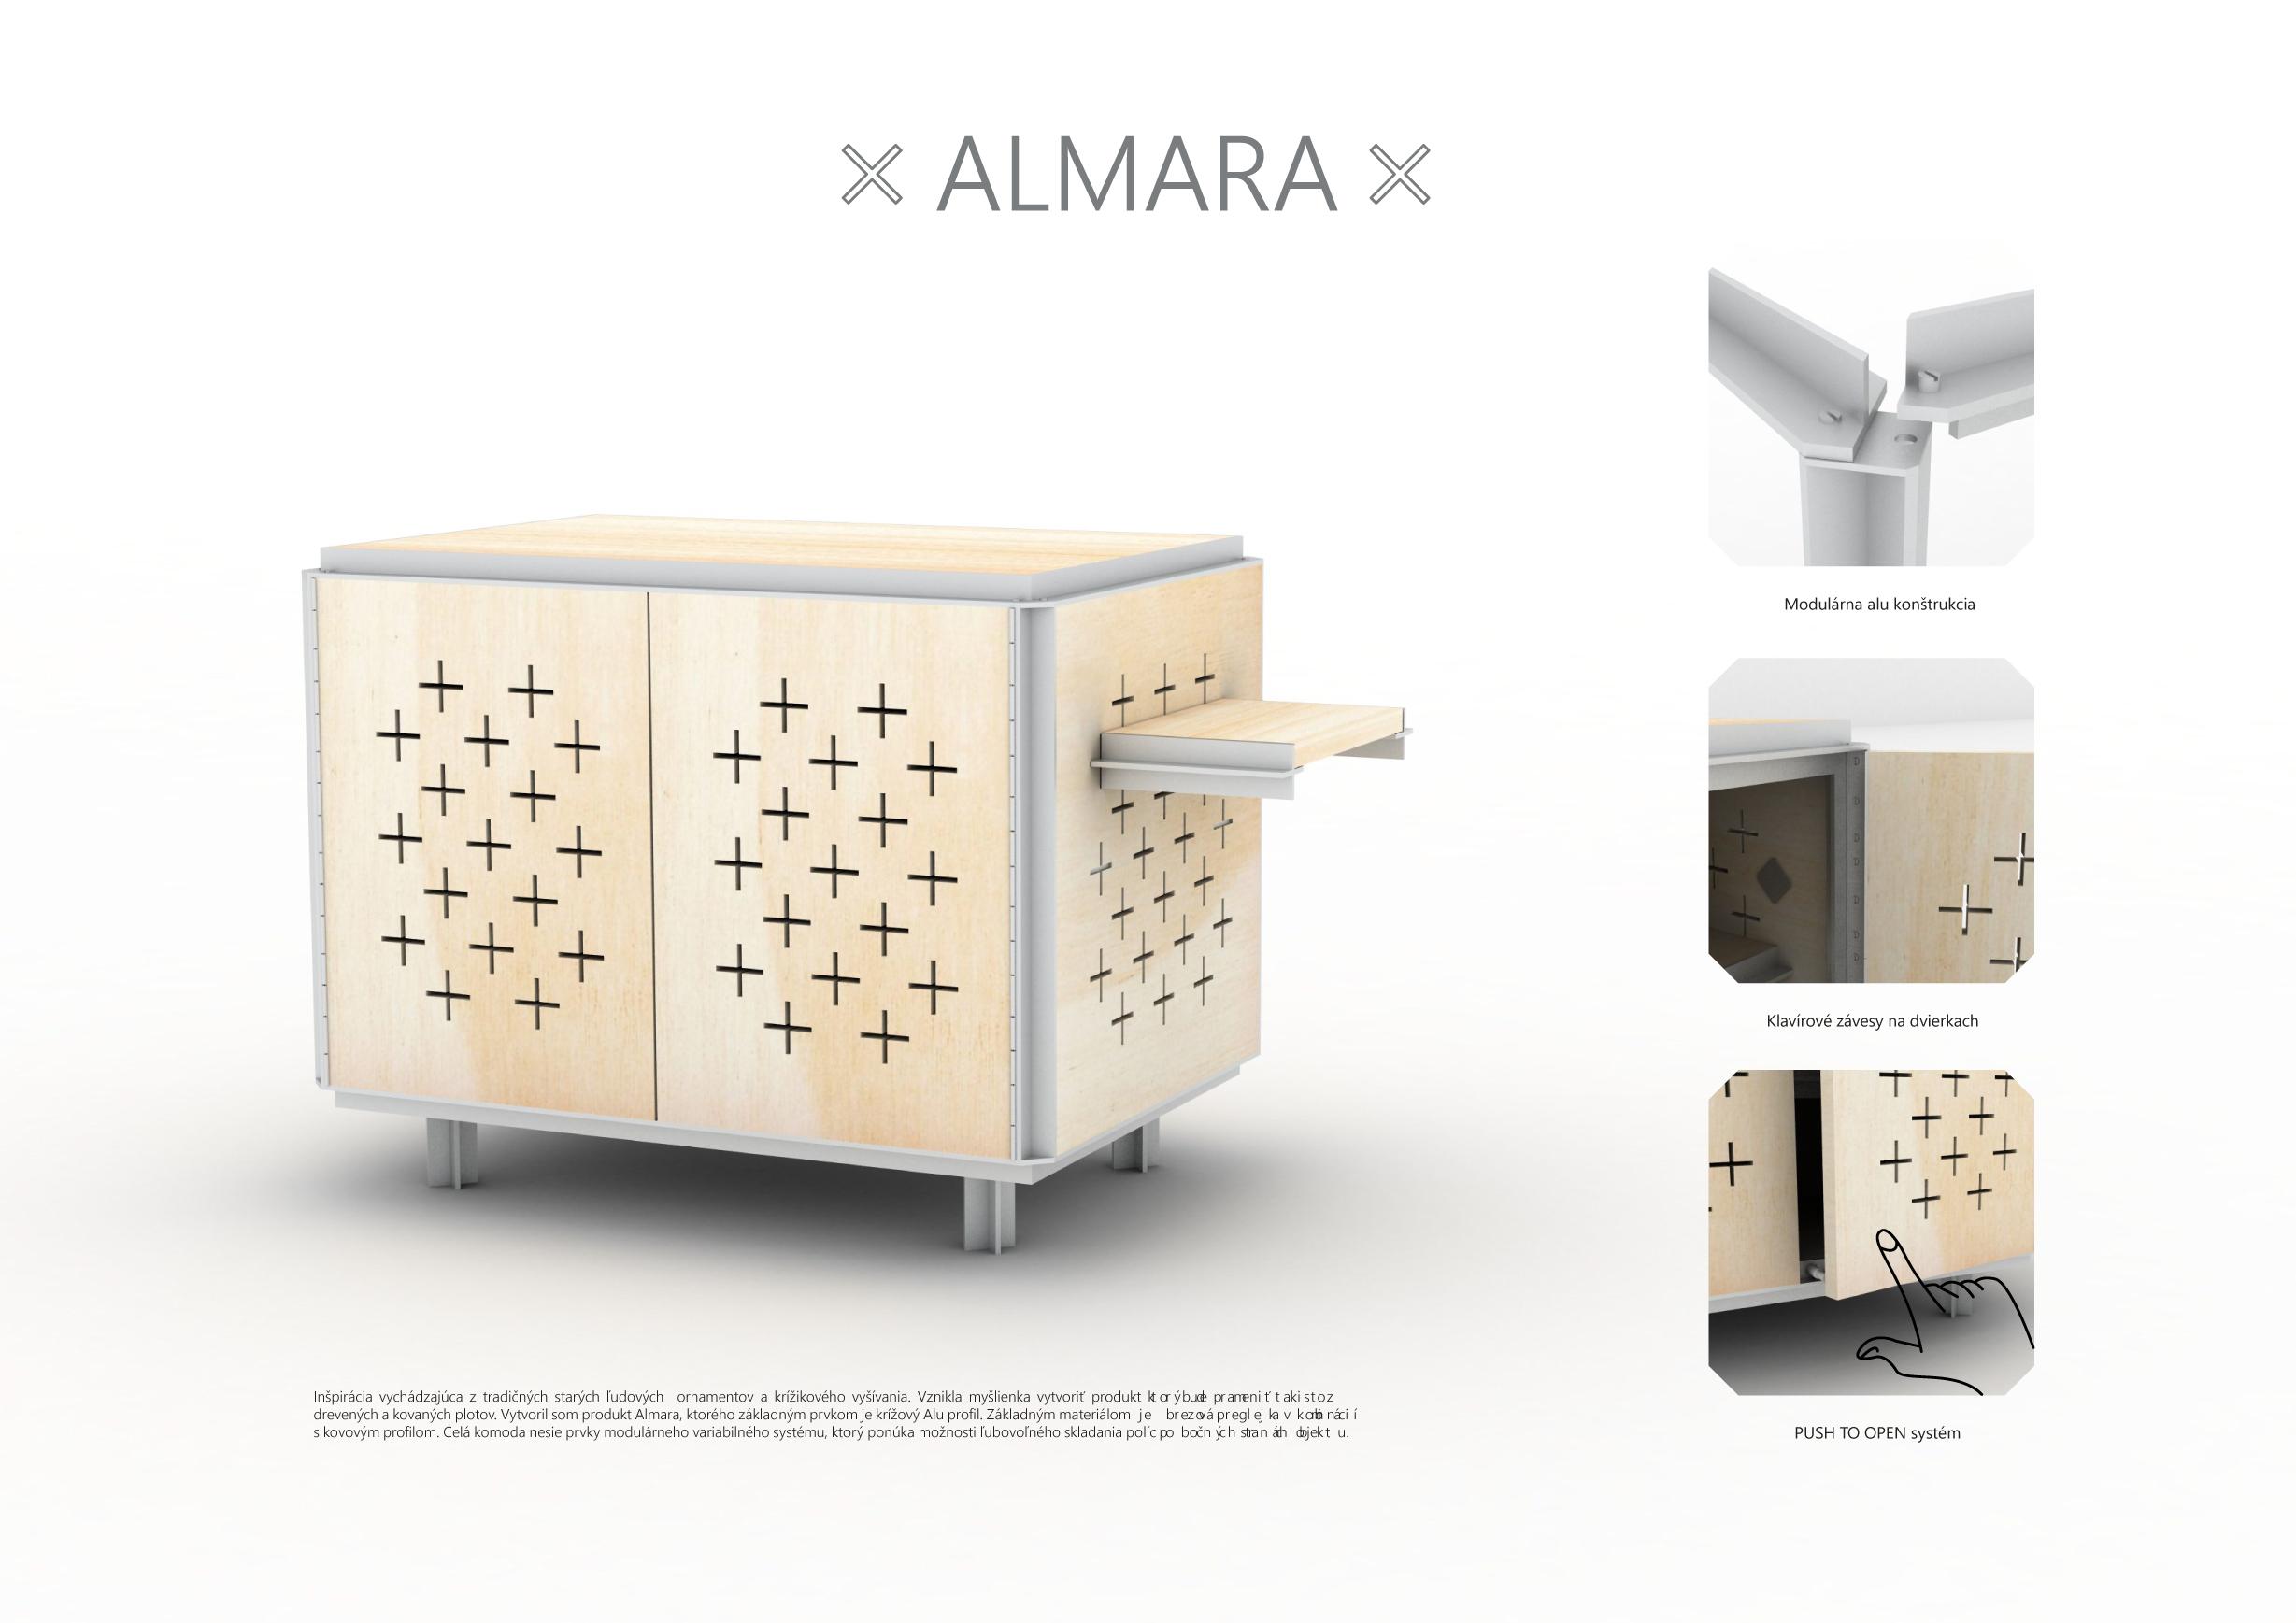 Inspiracja oparta na tradycyjnych starodawnych ozdobach ludowych i hafcie krzyżykowym. Powstał pomysł, aby stworzyć produkt, który będzie wyskakiwał również z ogrodzeń drewnianych i kutych. Stworzyłem produkt Almara, którego podstawowym elementem jest profil krzyżowy Alu. Cała komoda zawiera elementy modułowego systemu zmiennego, który daje możliwość dowolnego złożenia półek po bokach budynku.